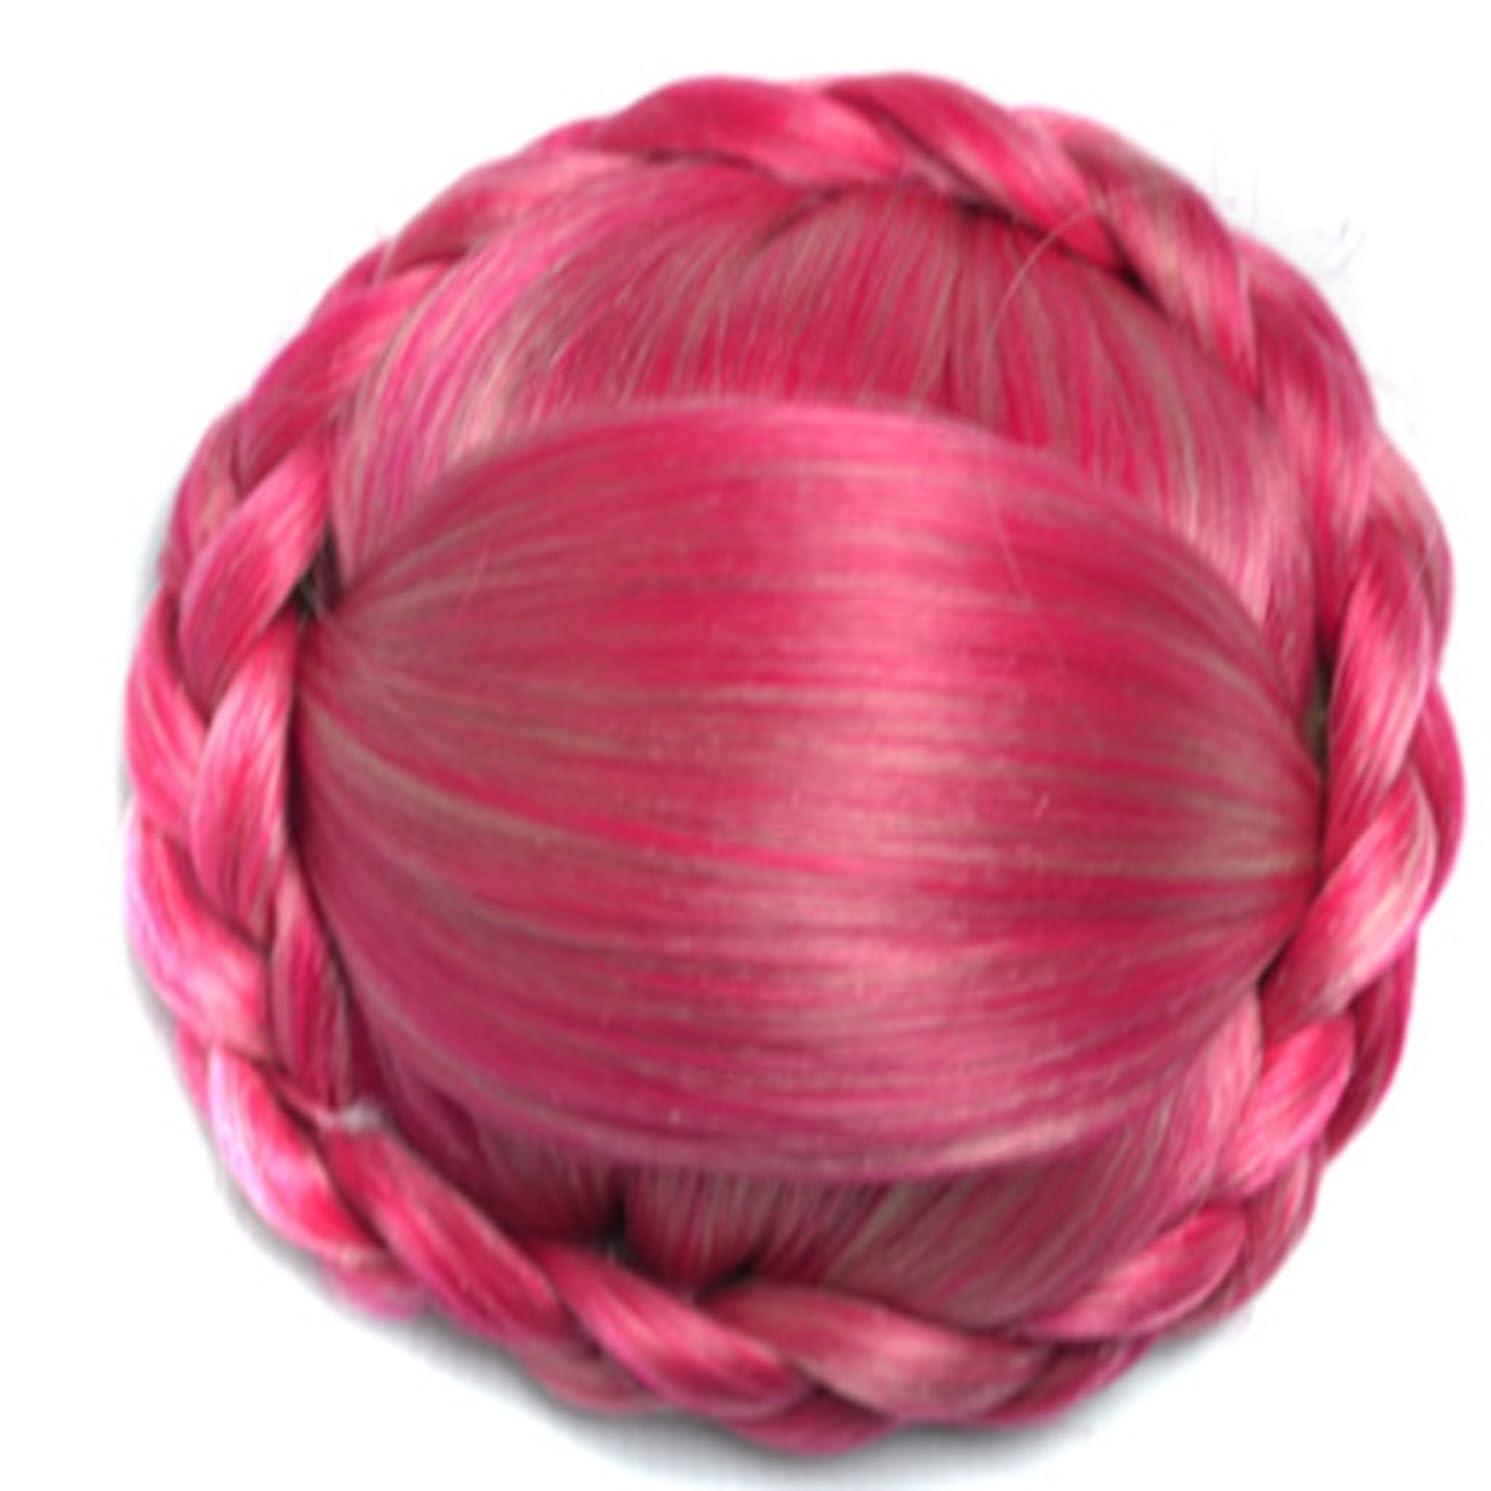 不十分気球電池JIANFU 化学繊維で作られた合成のかつら、ヴィンテージの編組で包まれた拡張赤毛は軽いことができます (Color : レッド)